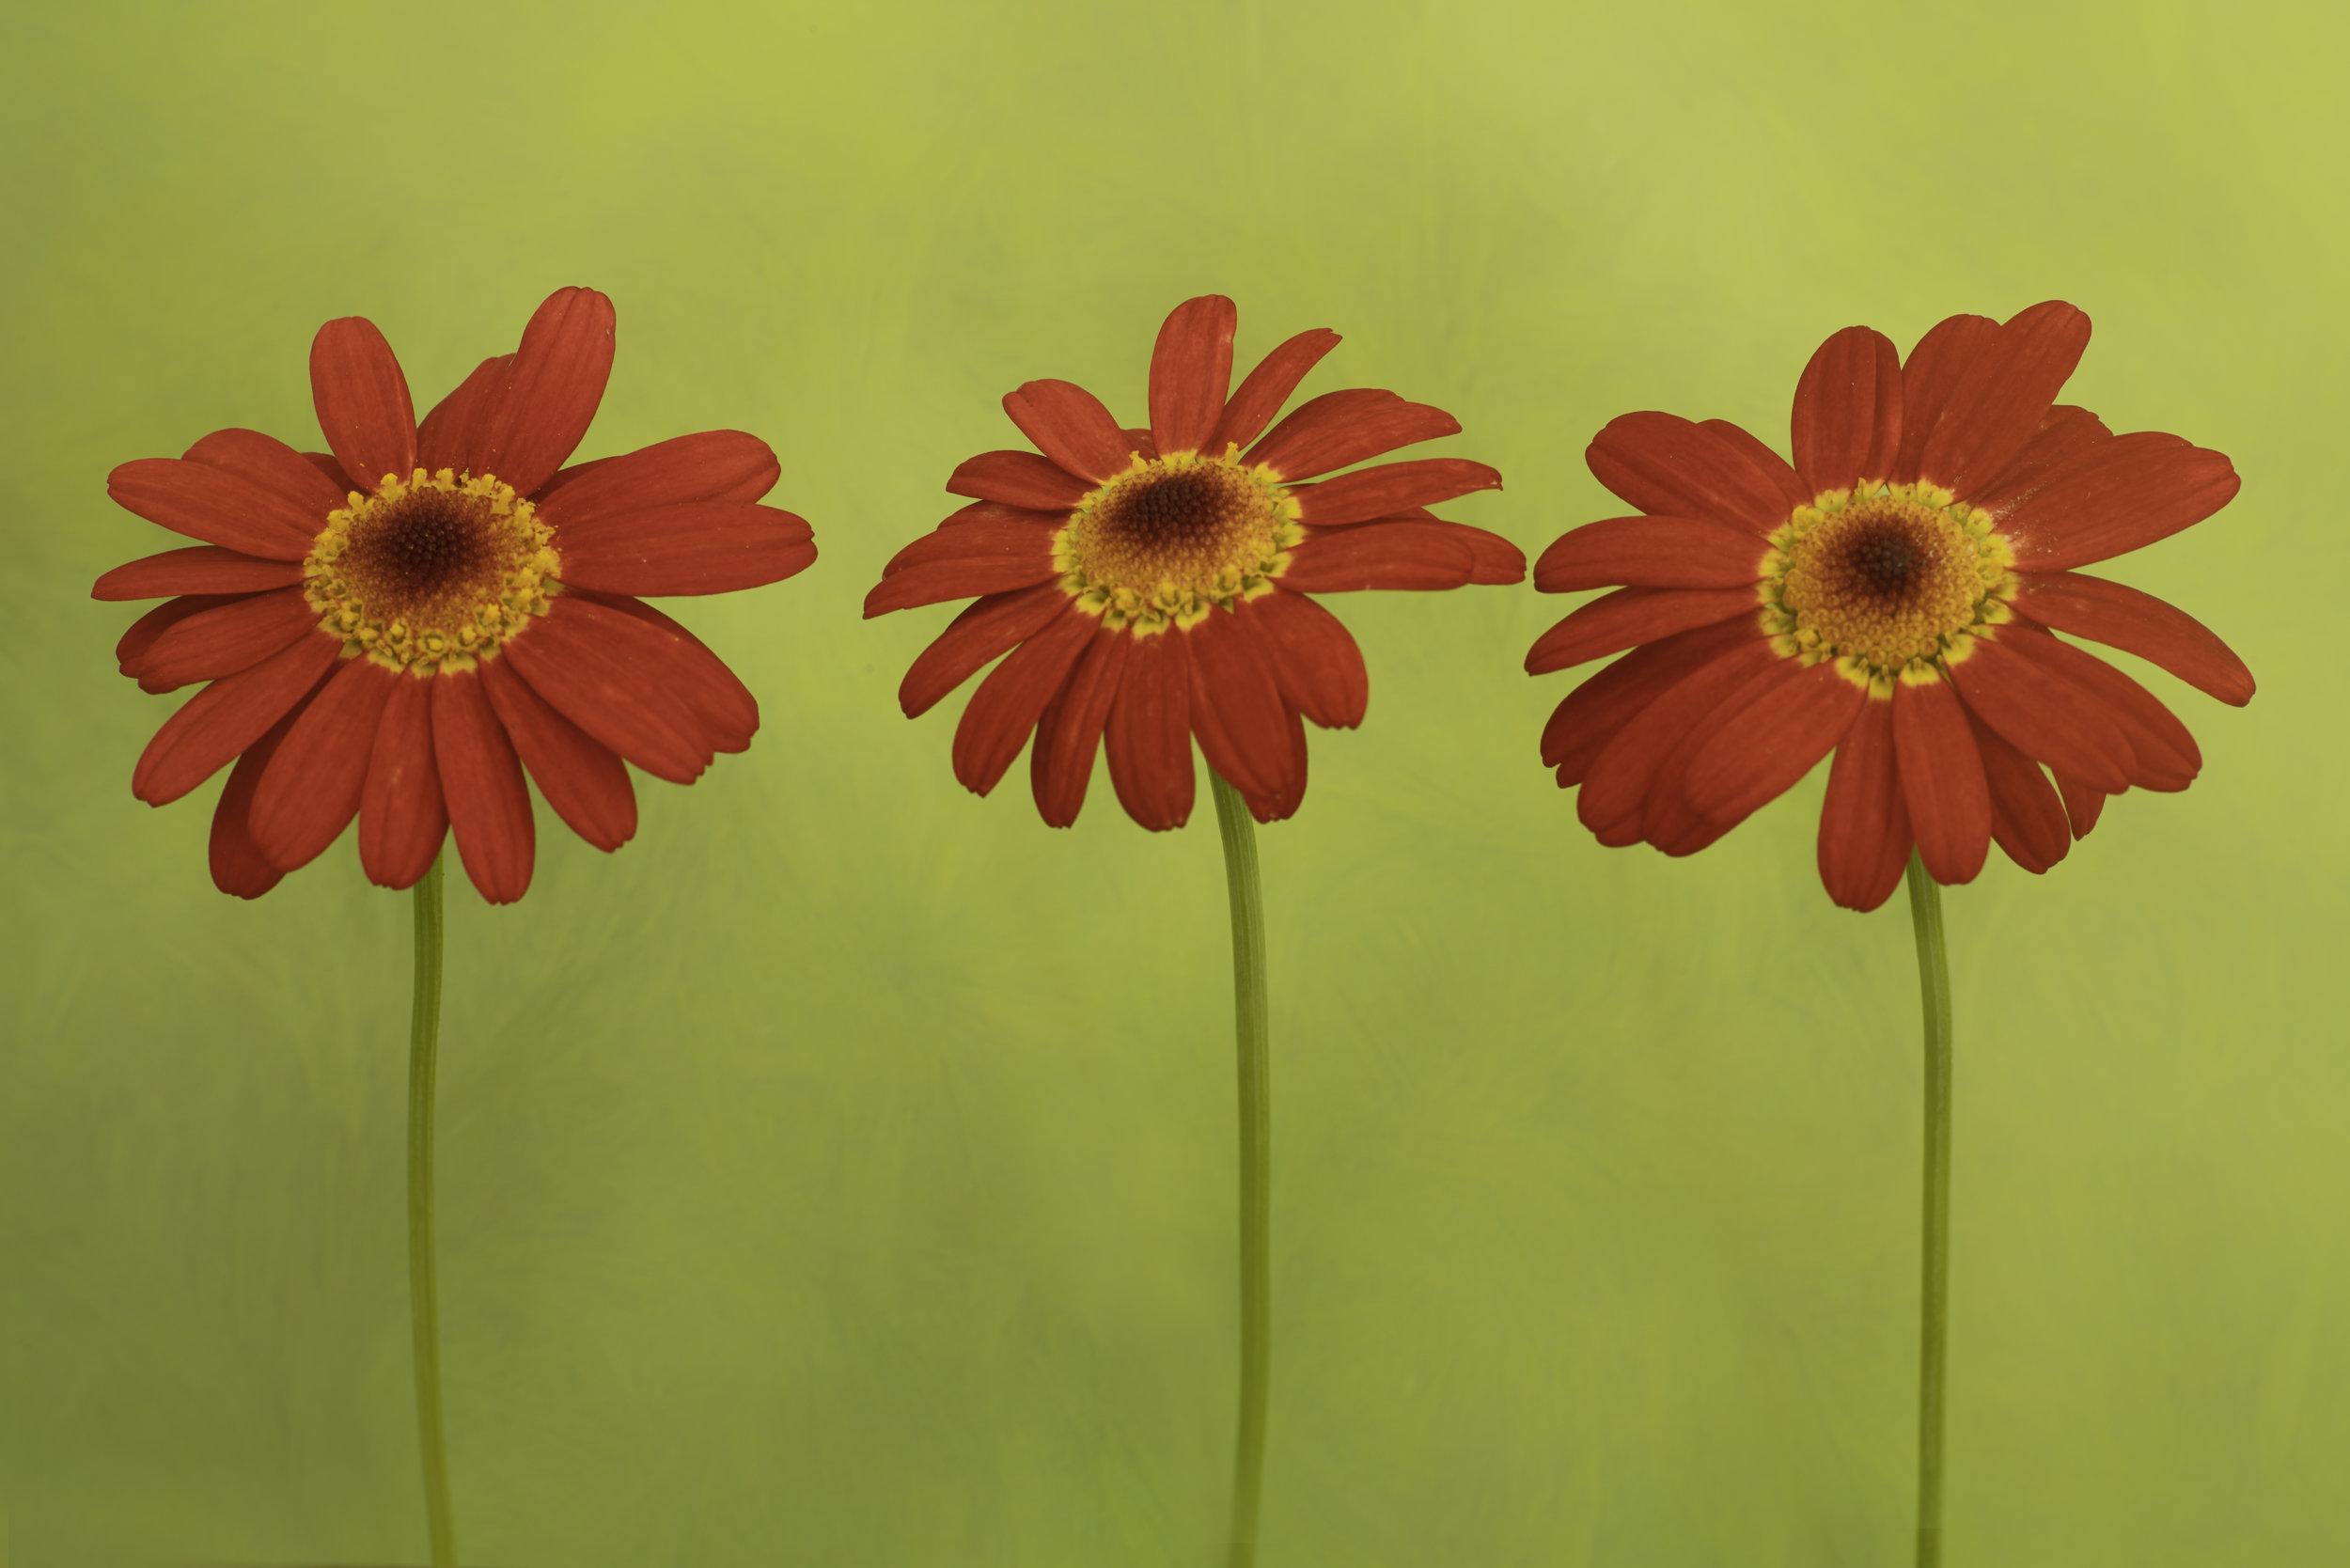 Maggie Yates Flowers-61.jpg